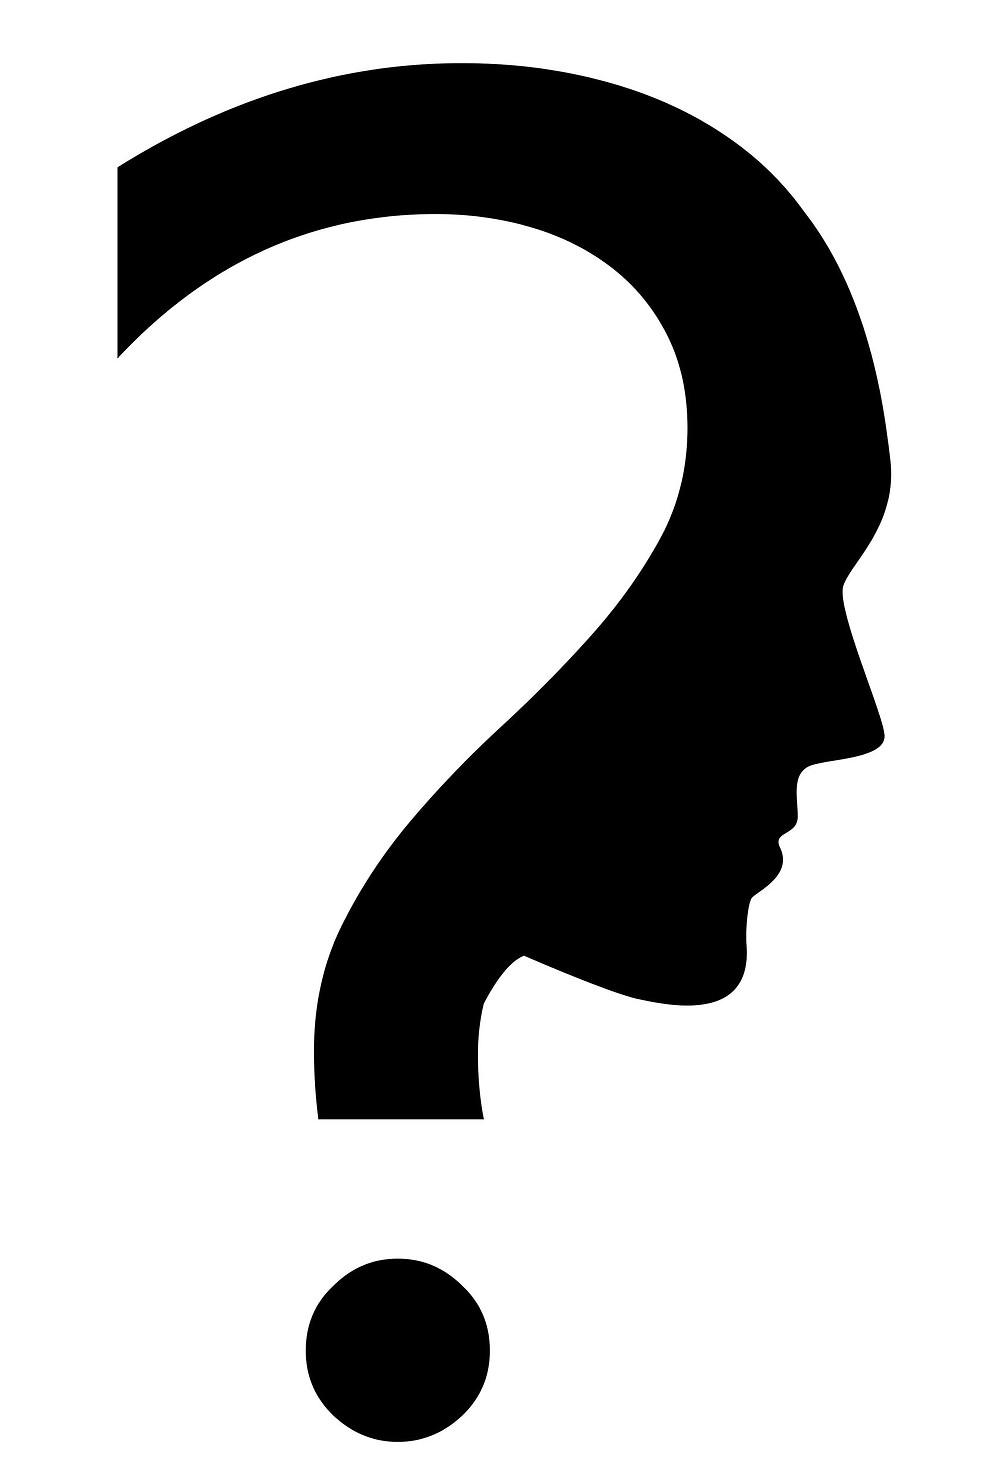 Estrategias para identificar, flexibilizar y desactivar los atajos mentales de nuestra mente